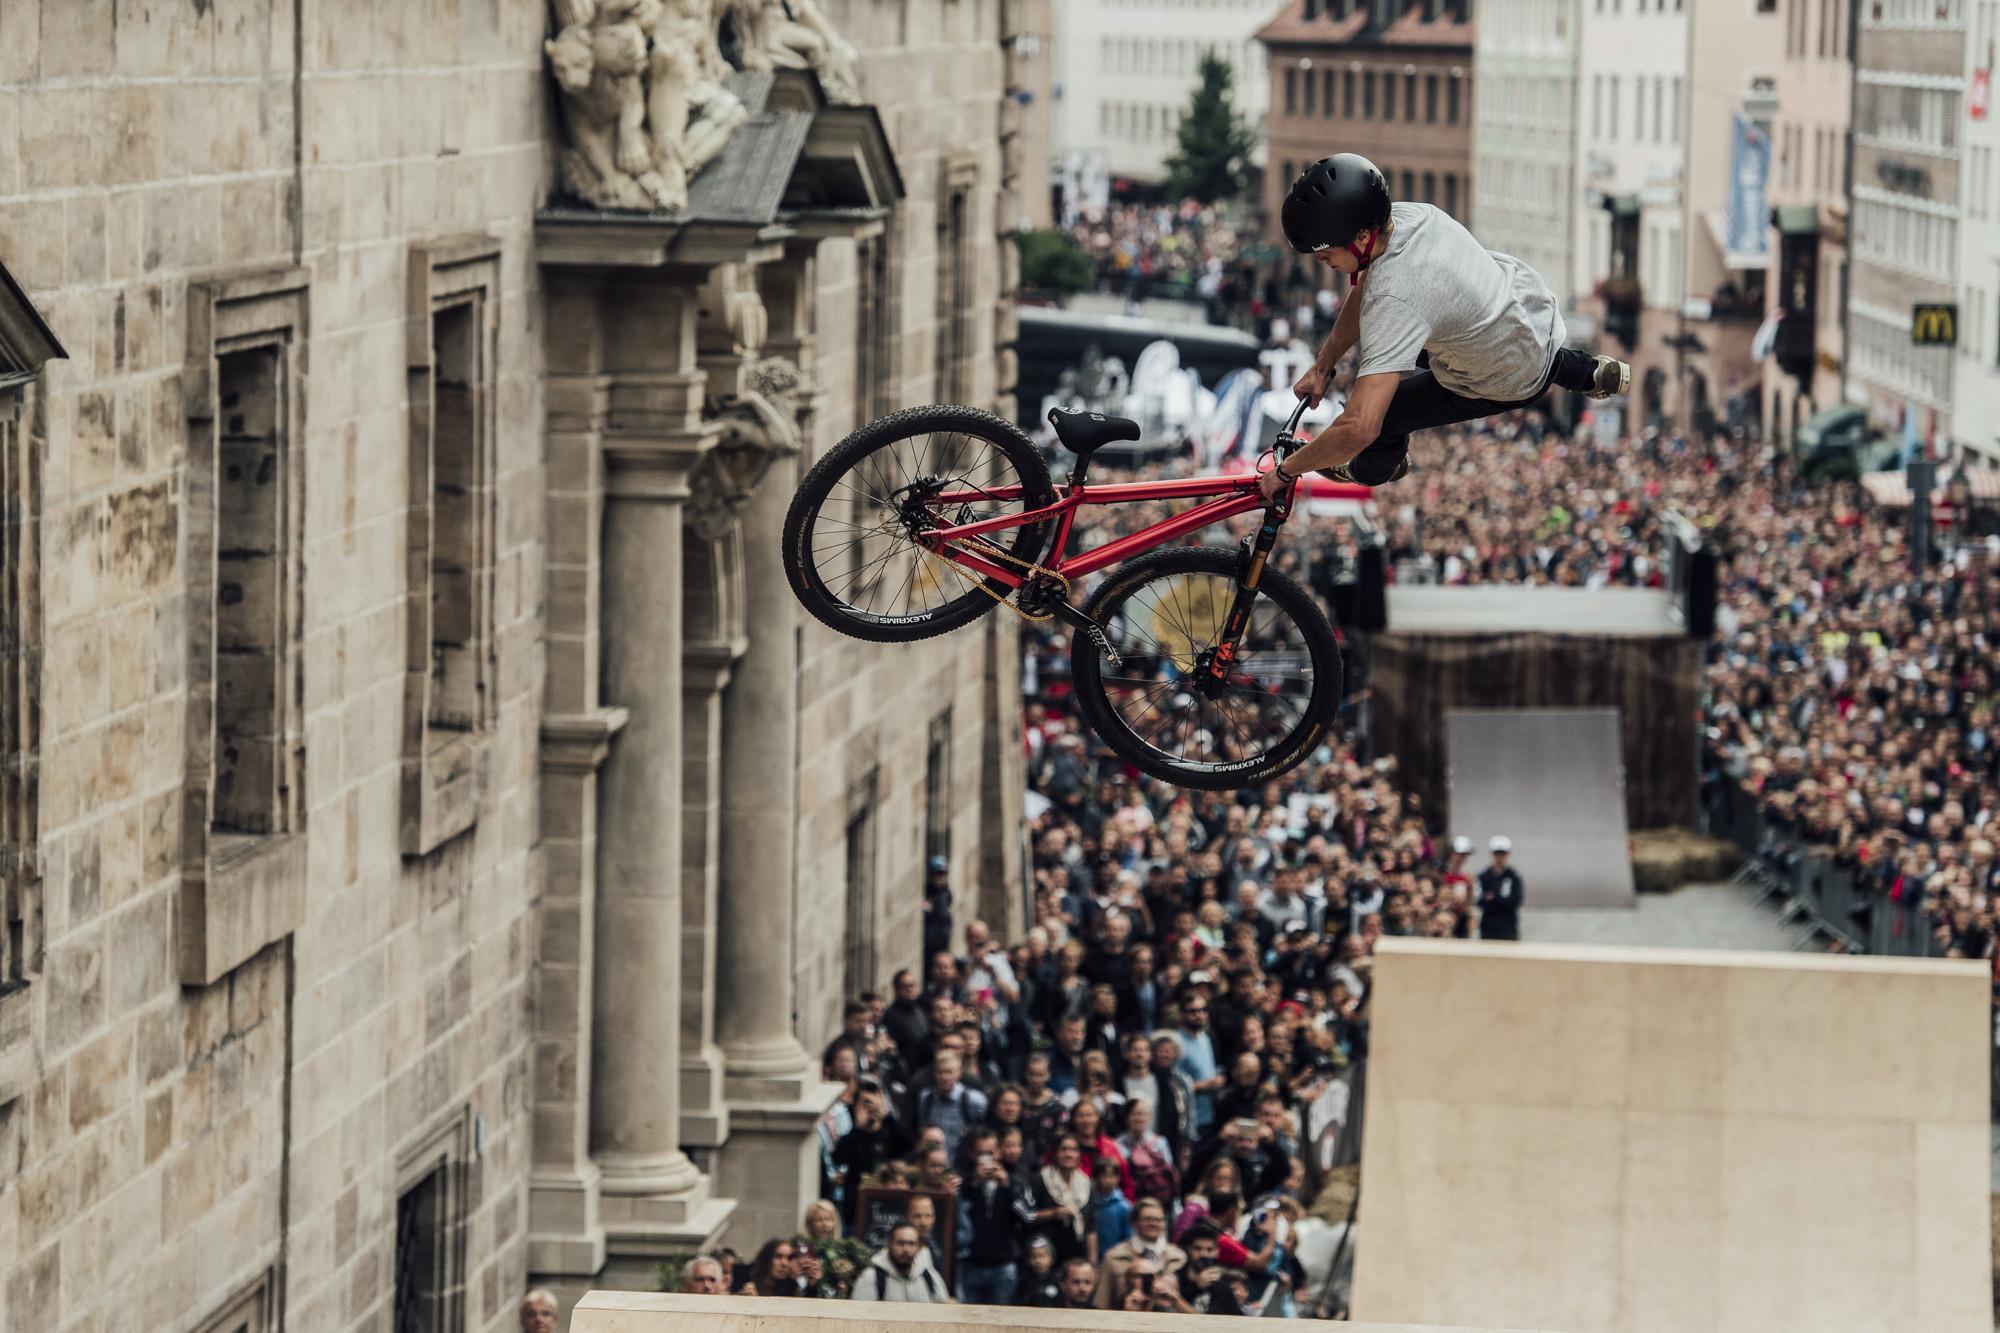 Erik Fedko mit einem spektakulären Sprung über dem Publikum